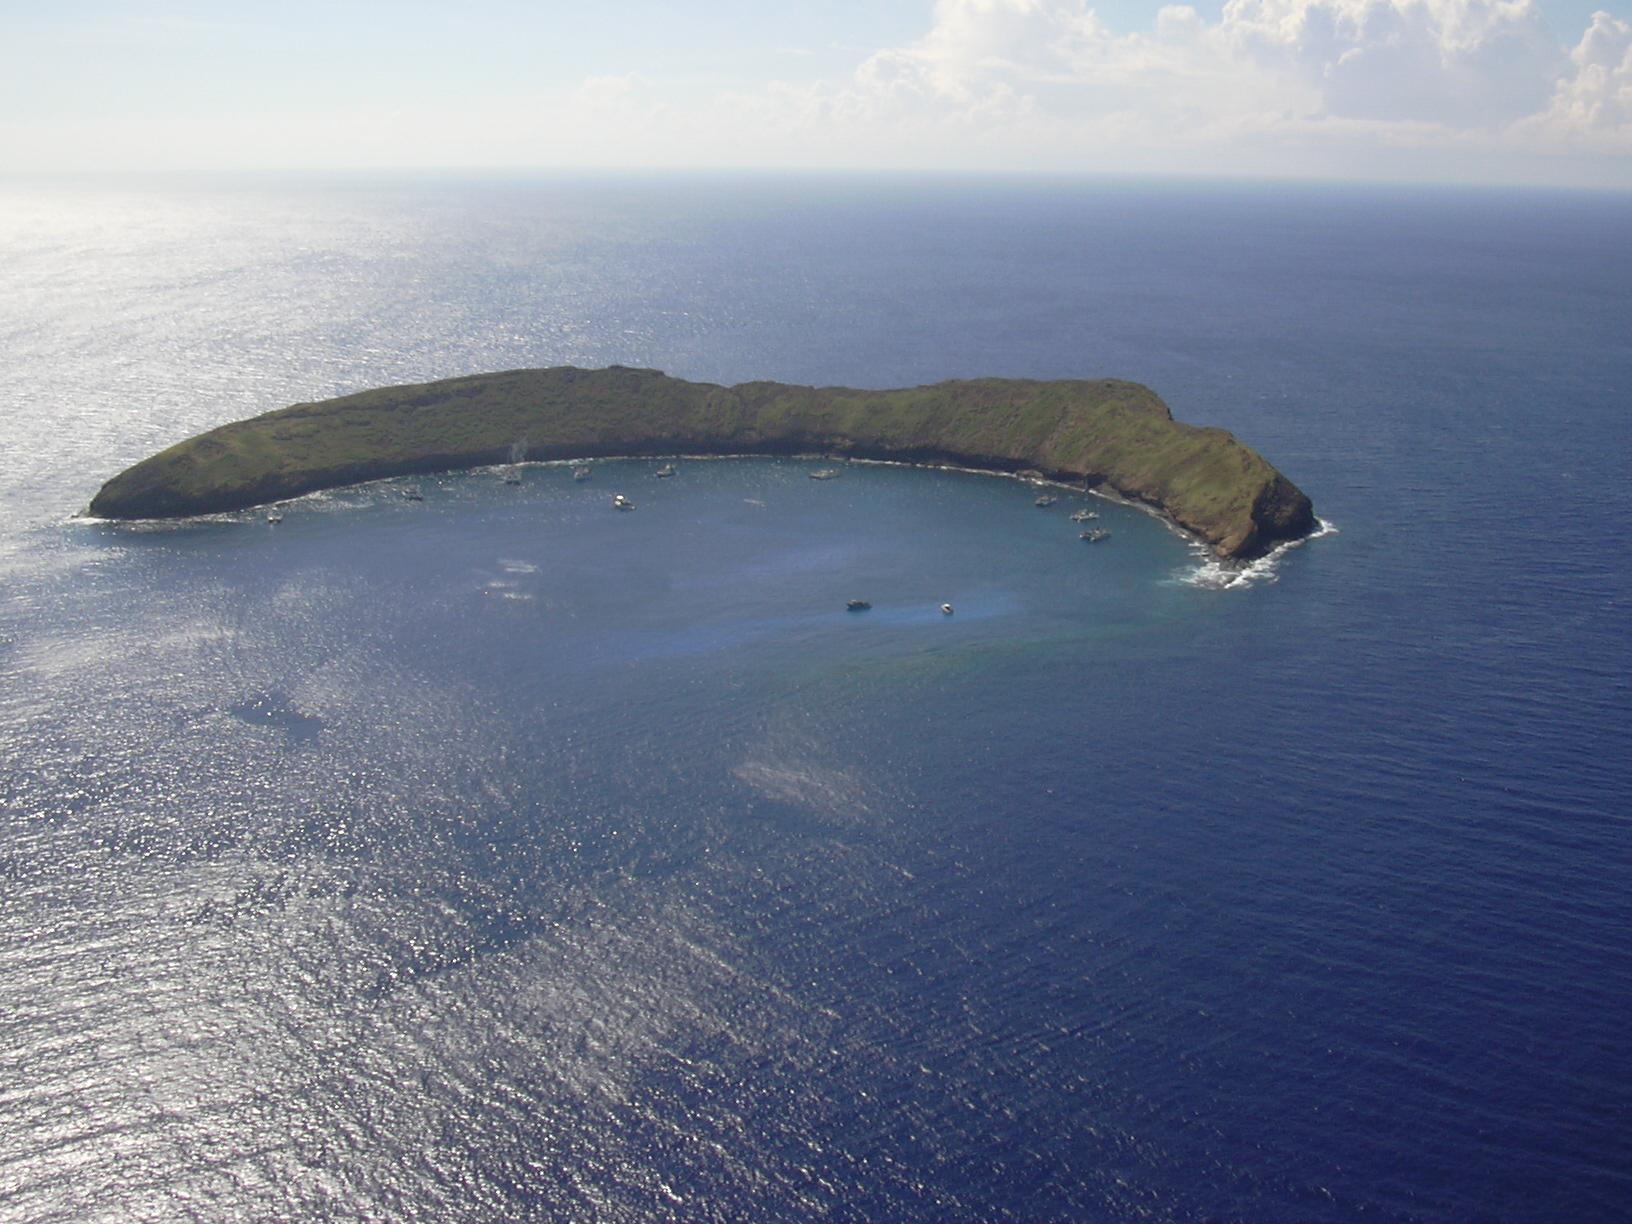 Horshoe Island Hawaii Snuba